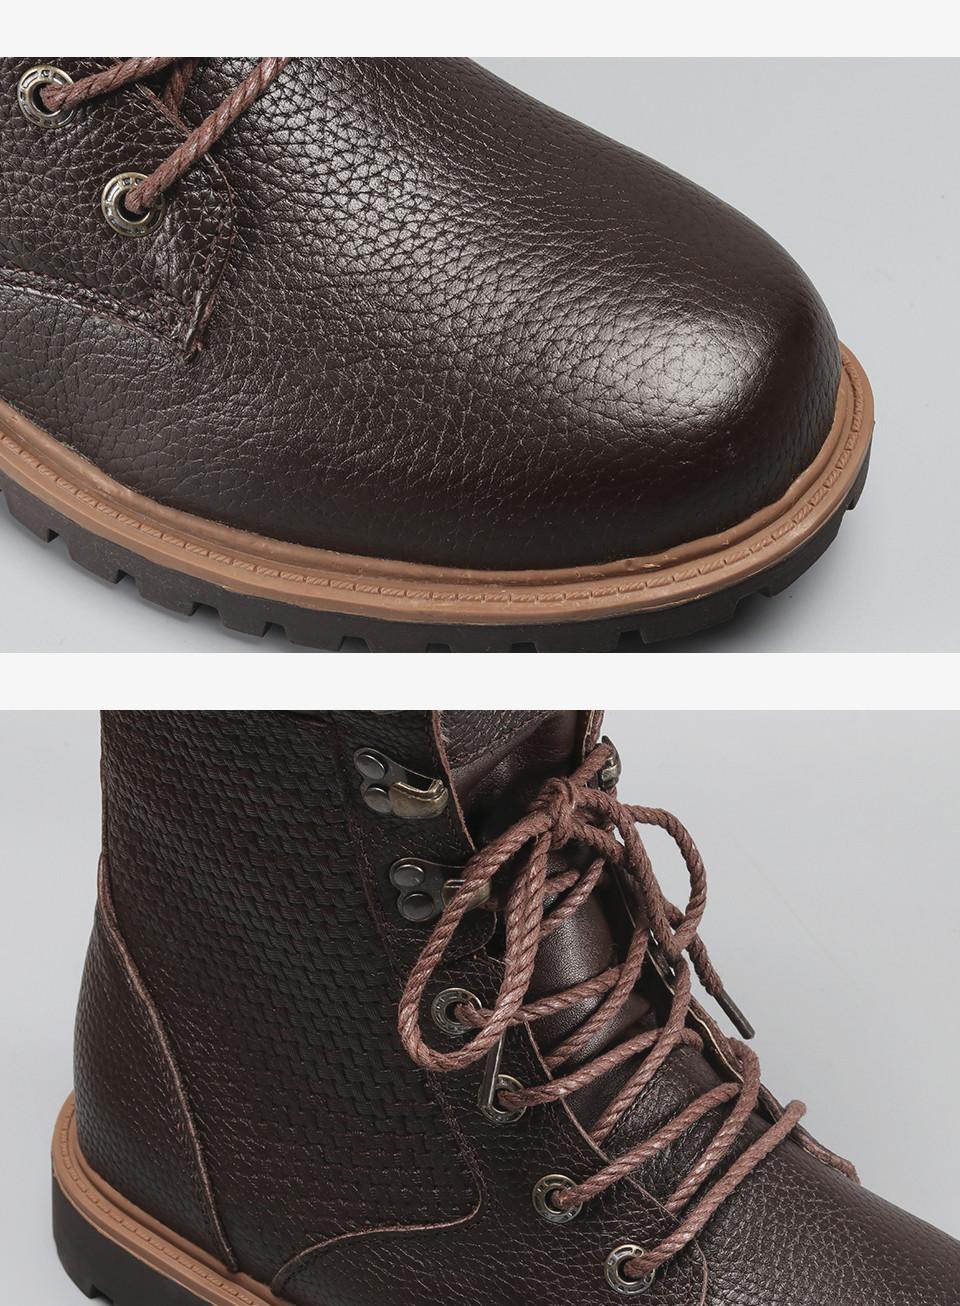 男鞋详情页_08